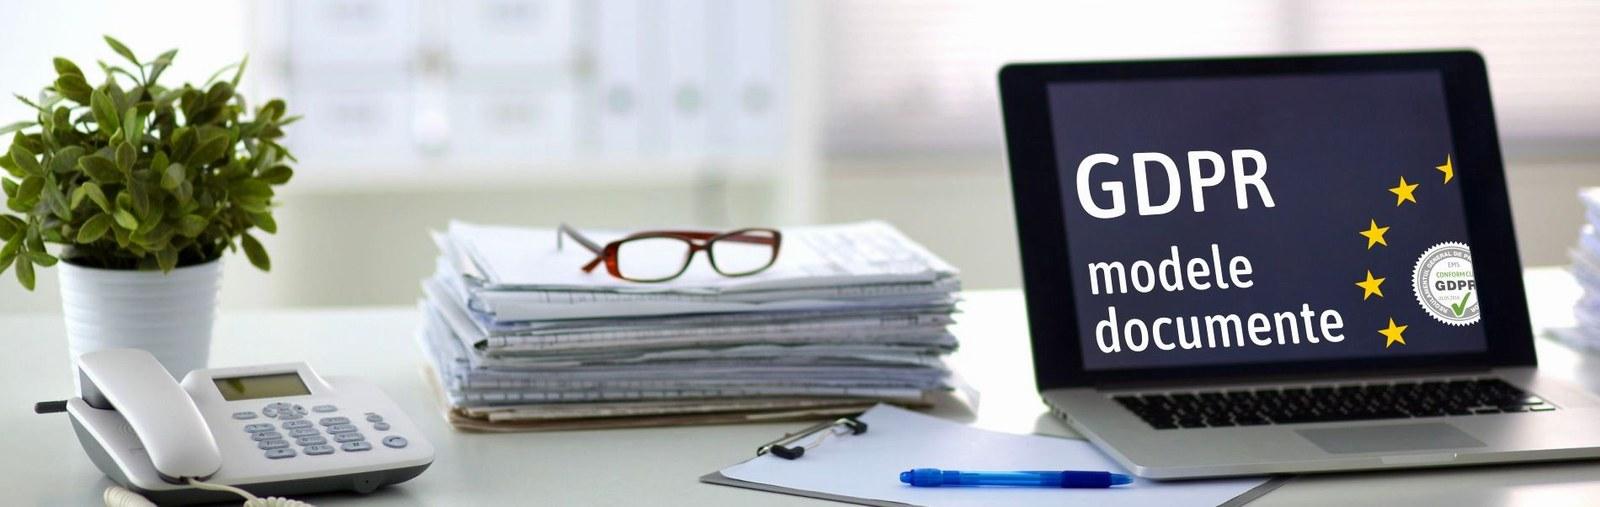 Profita de oportunitatea de a descarca gratuit modele de documente GDPR pentru implementare si conformitate cu prevederile legislative protectiei datelor cu caracter personal